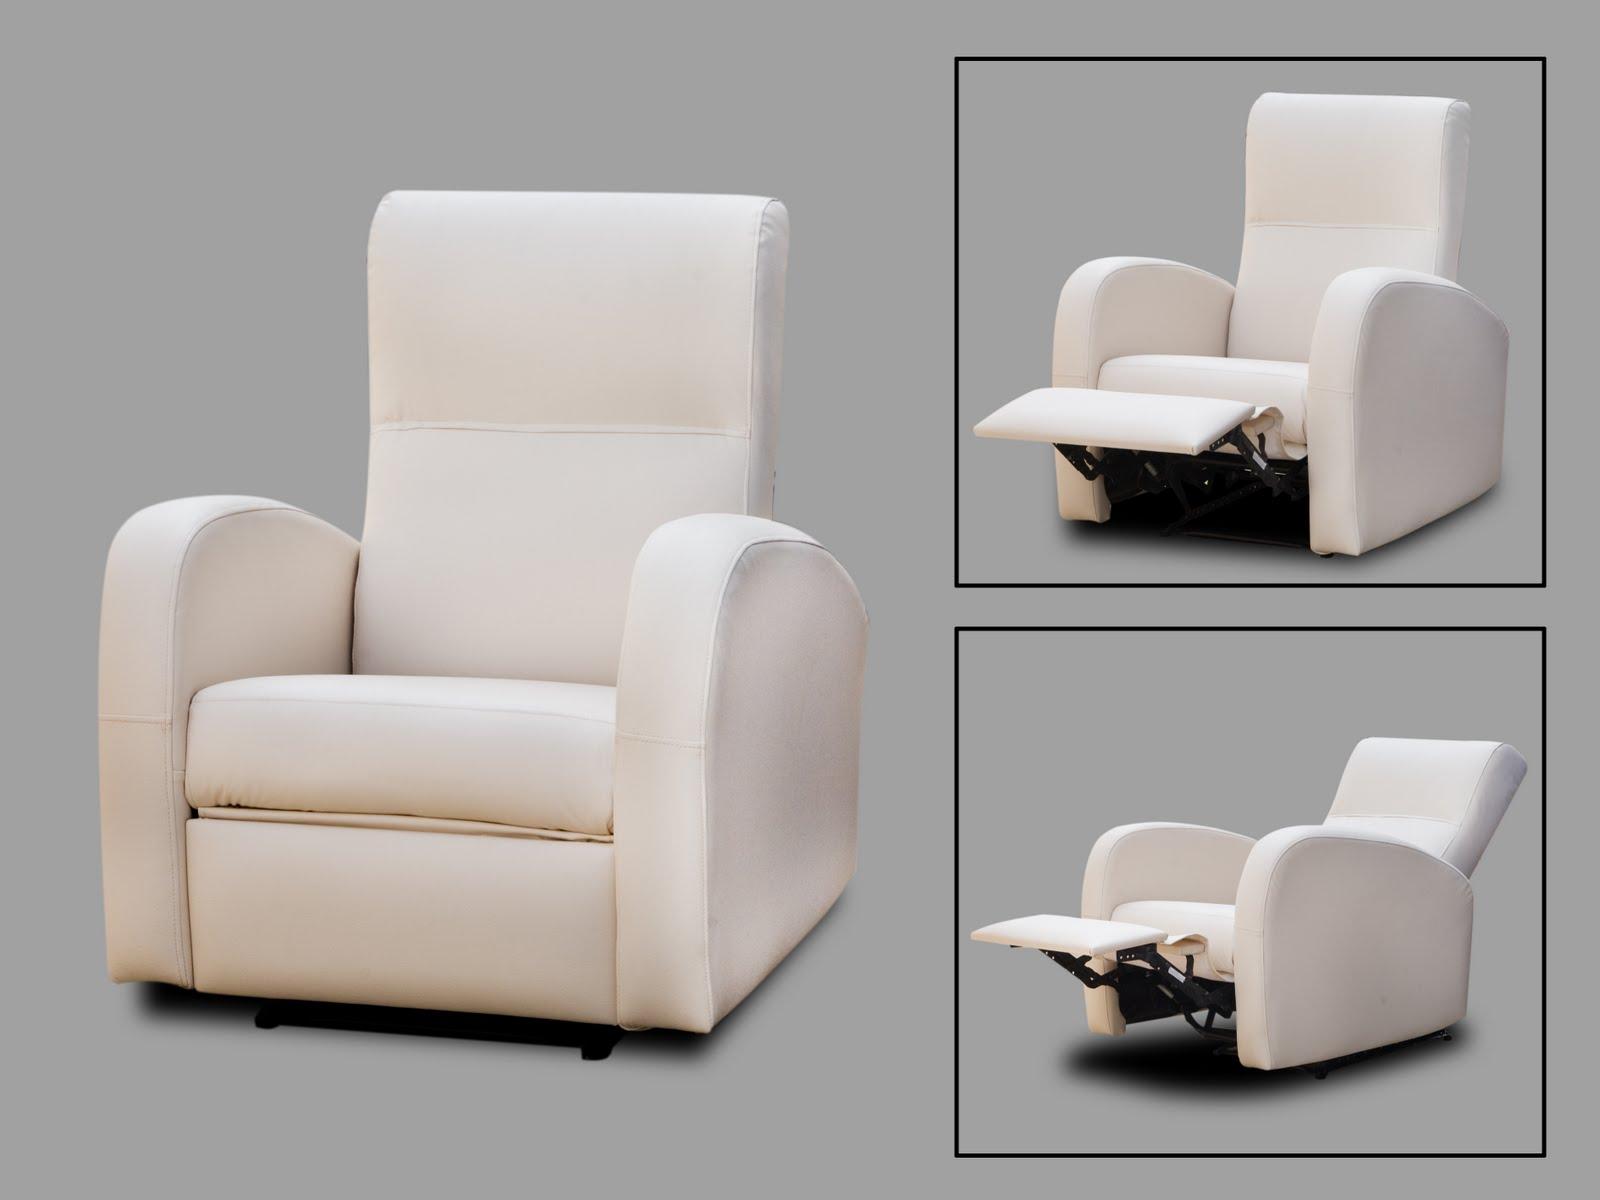 Muebles al mejor precio sillones relax al mejor precio for Sillones en ele precios